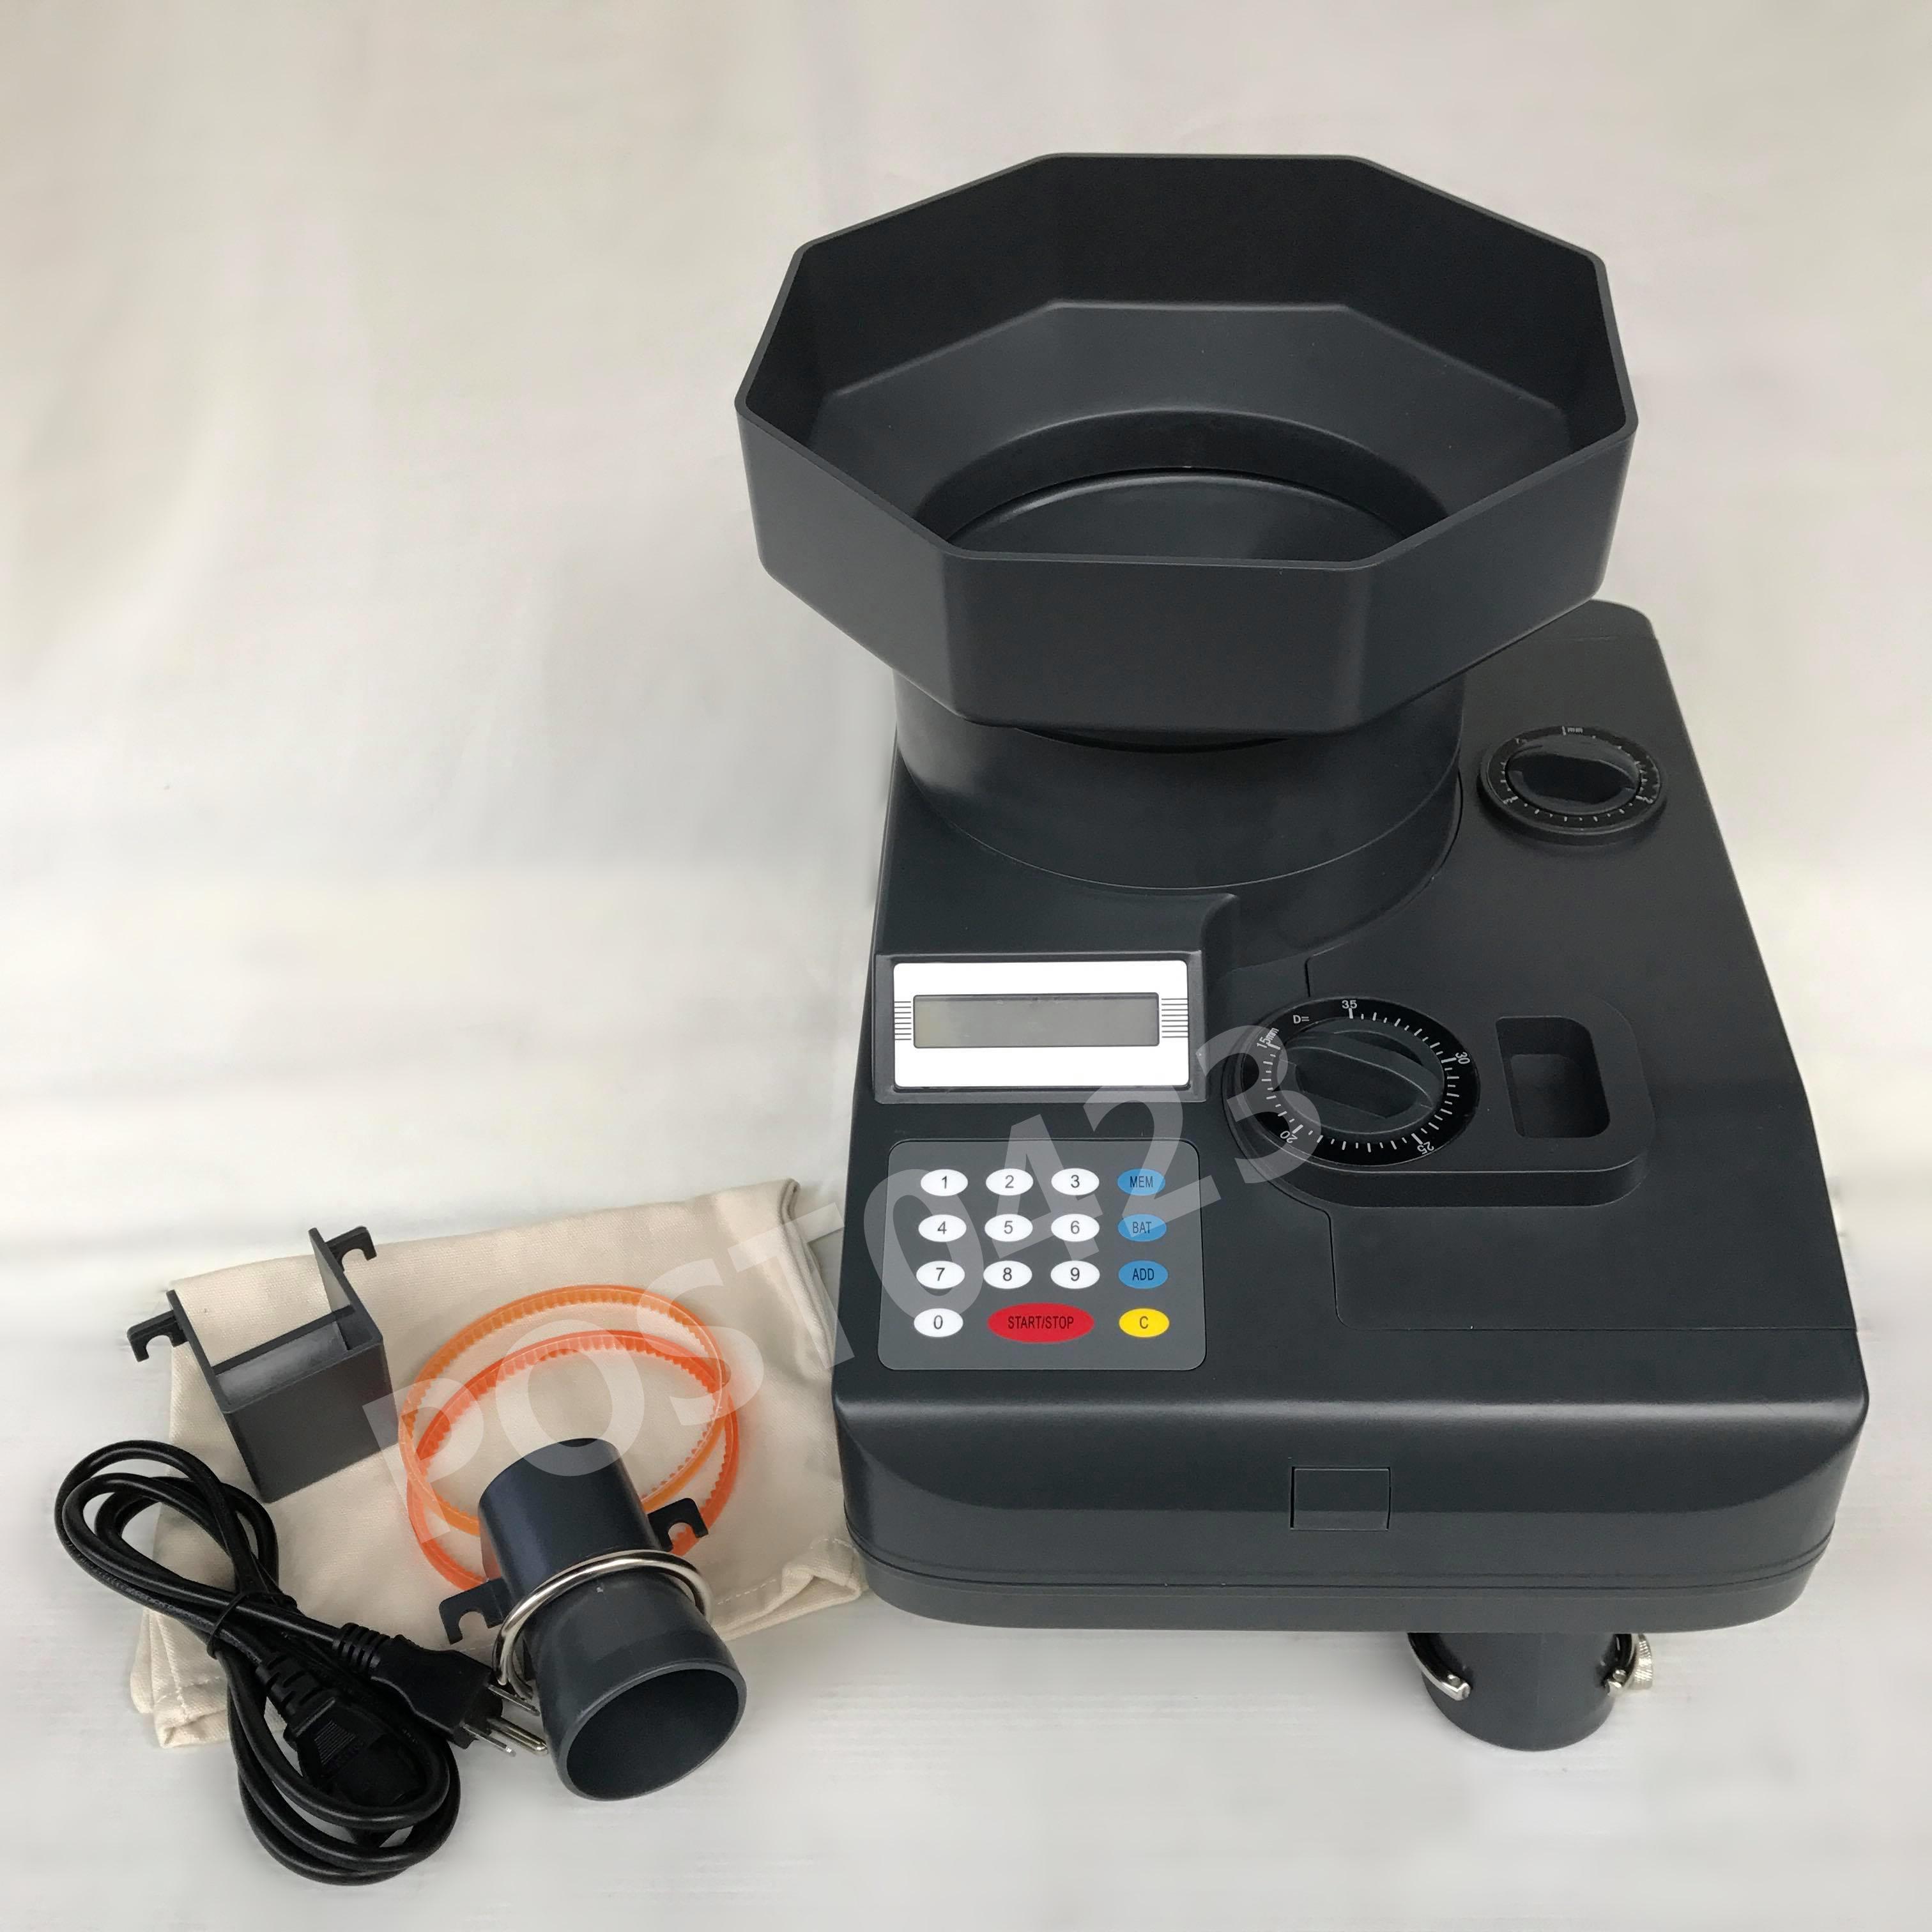 銀行專用款高速硬幣清分機 數幣機 各國硬幣分類機 大量硬幣分類